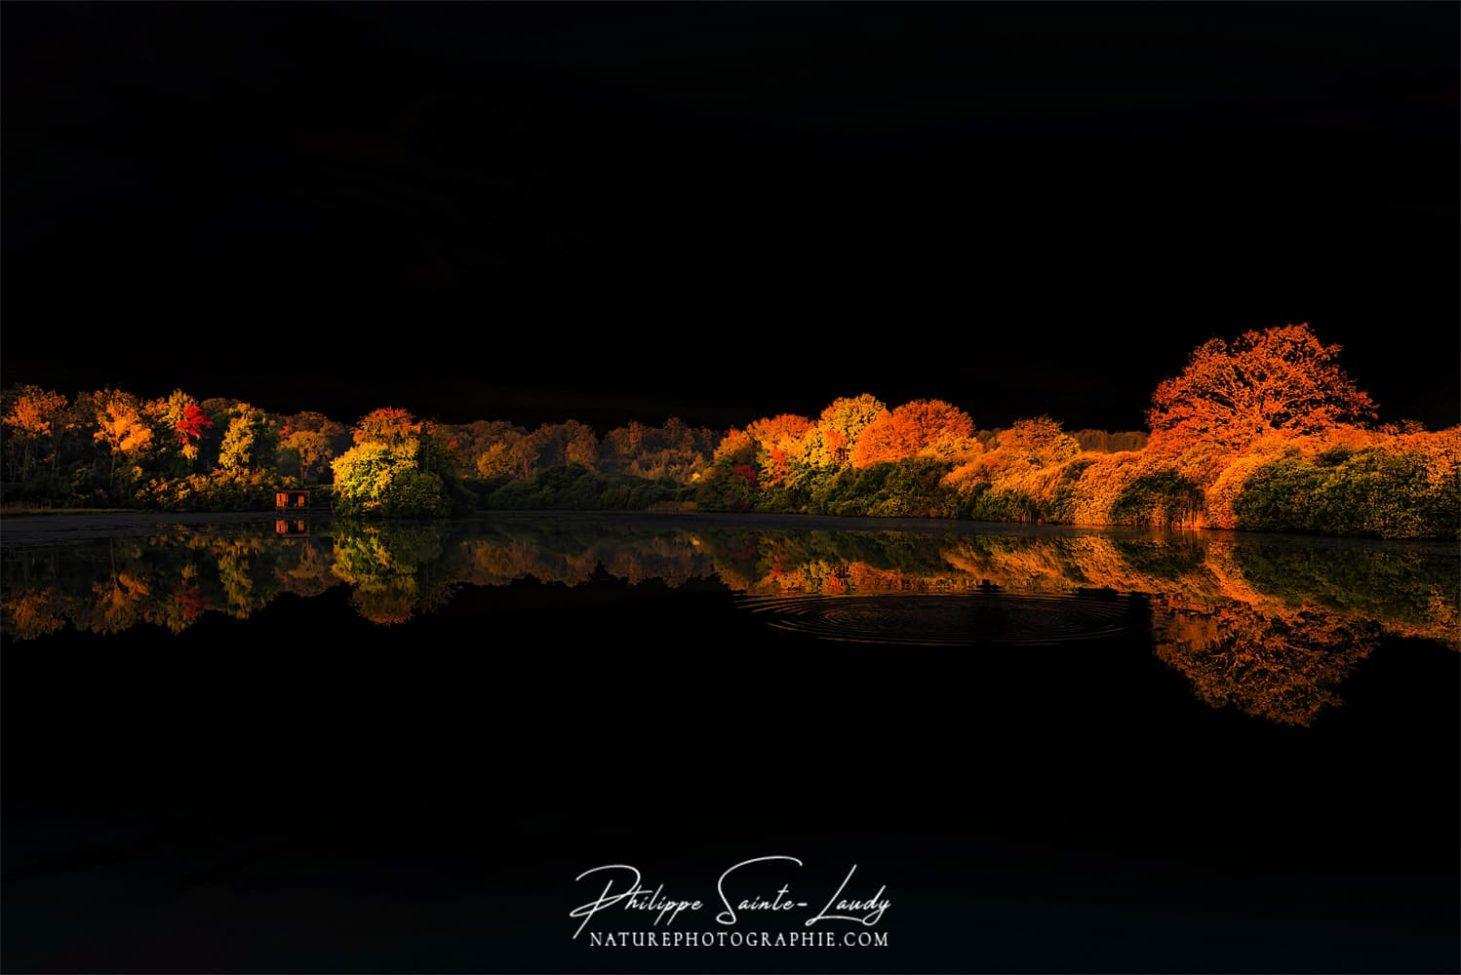 Reflet noir de la nature en automne